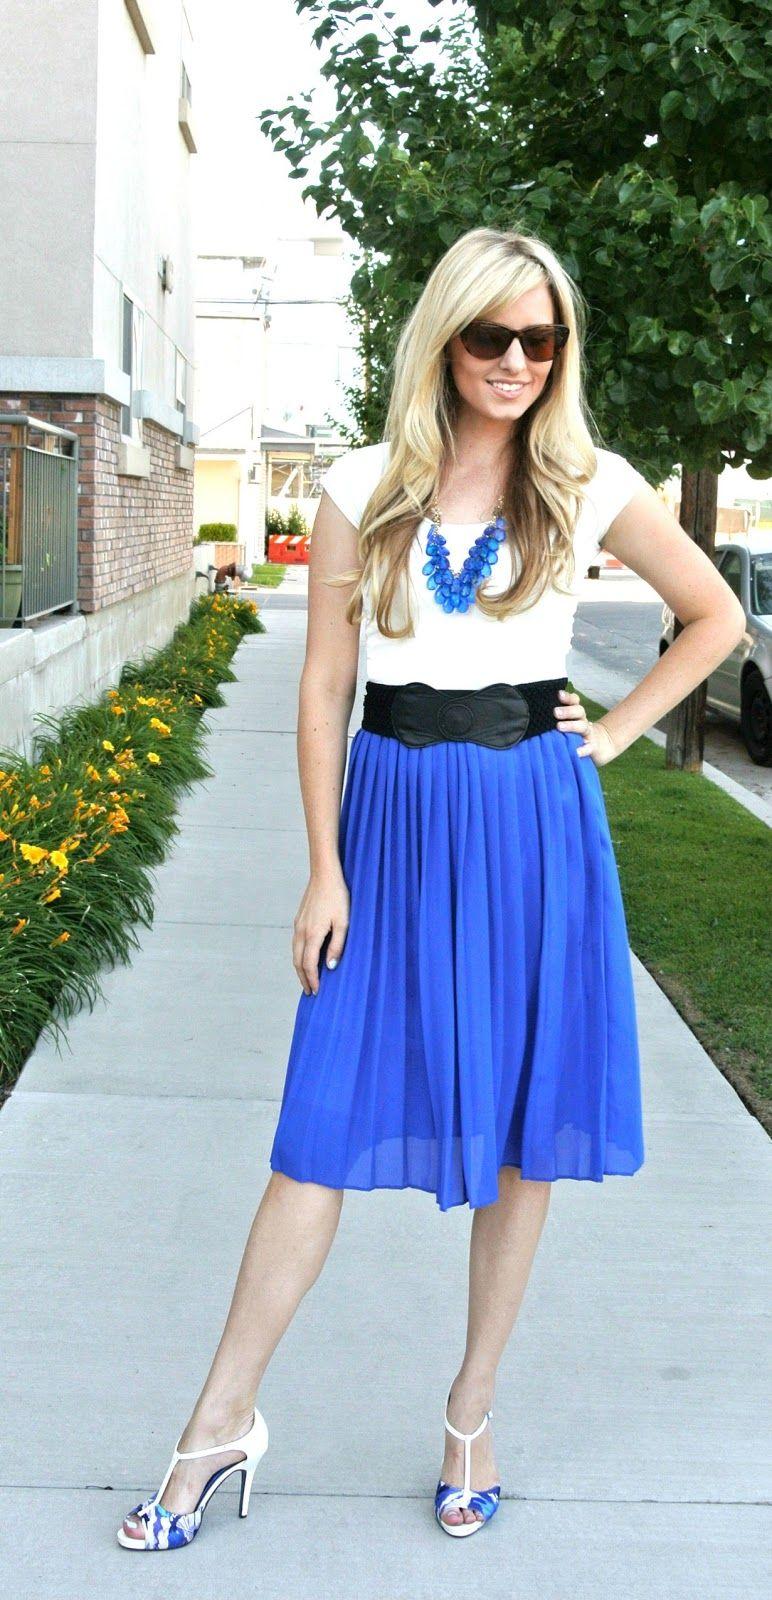 pleated skirt idea 2 wear a lighter pleated midi